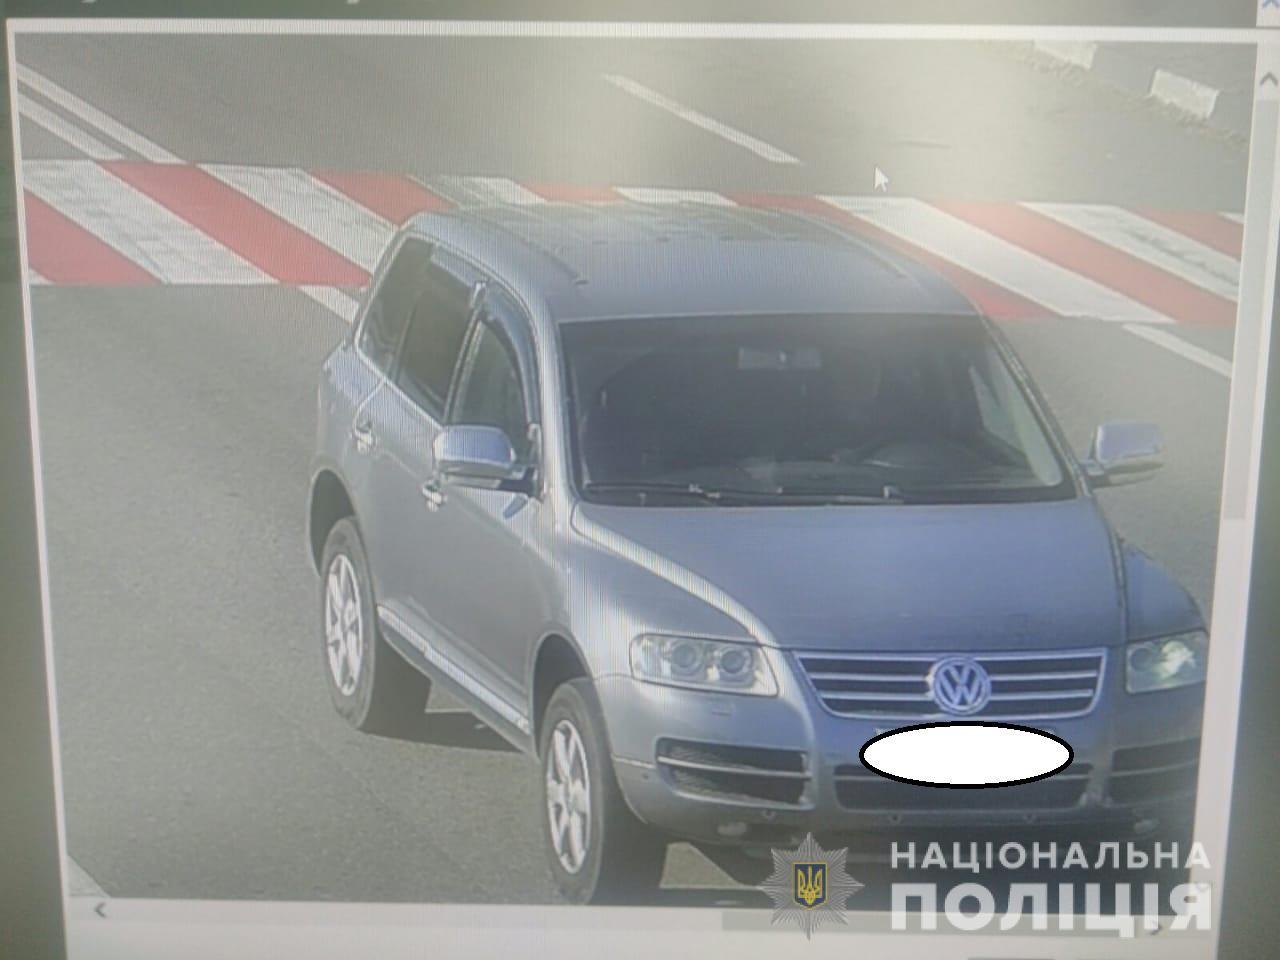 На Рожнятівщині під час тест-драйву покупець вкрав авто у власника (ФОТО)